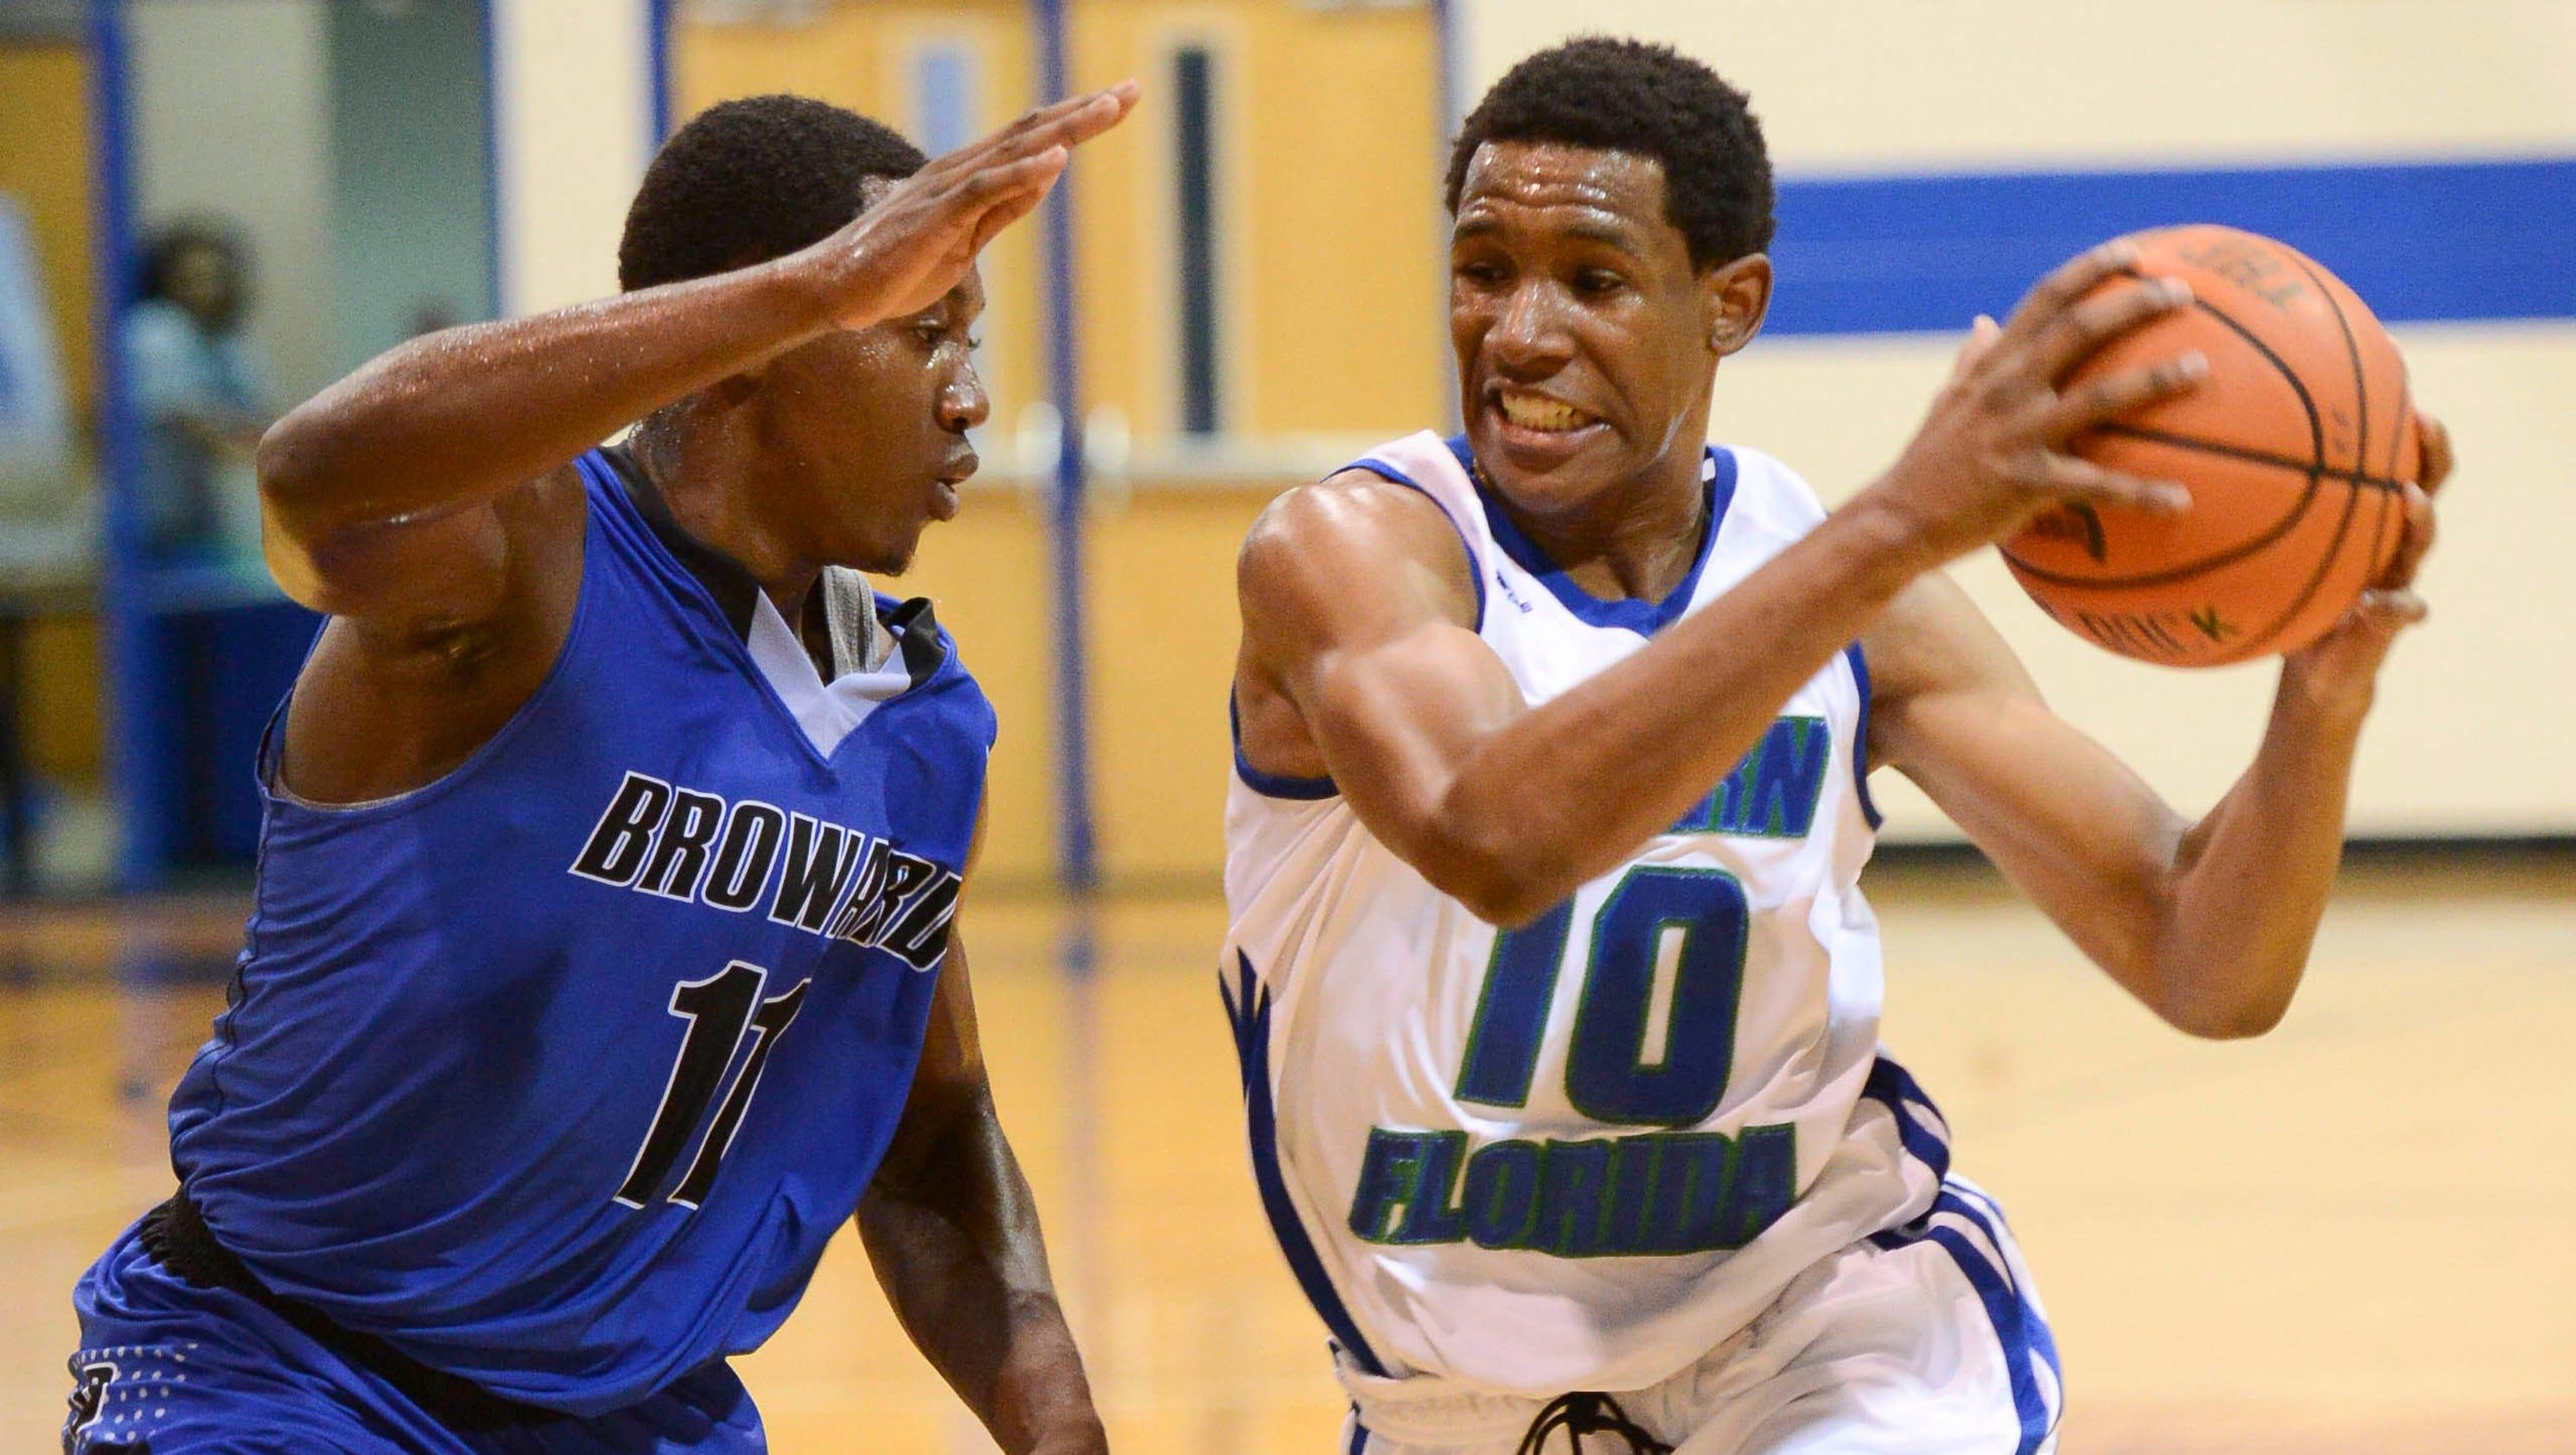 Photos: Broward at Eastern Florida mens basketball